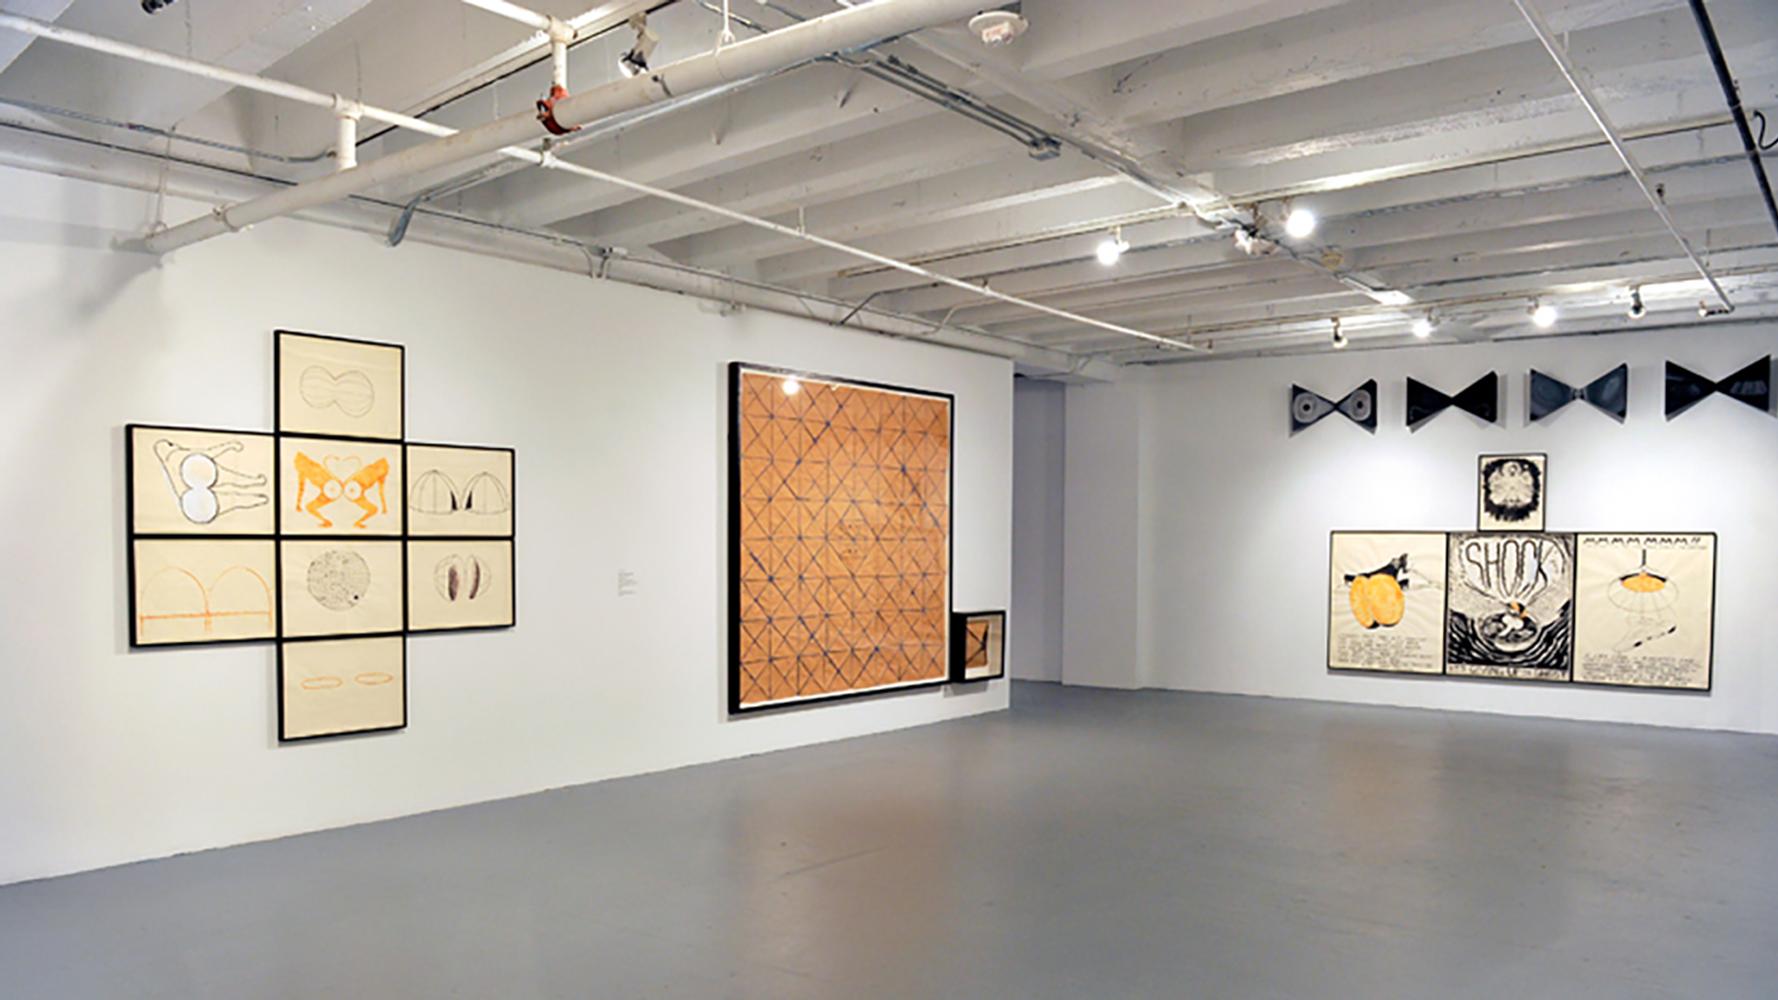 Caesarstone + MOCA Mike Kelley Exhibit Opening